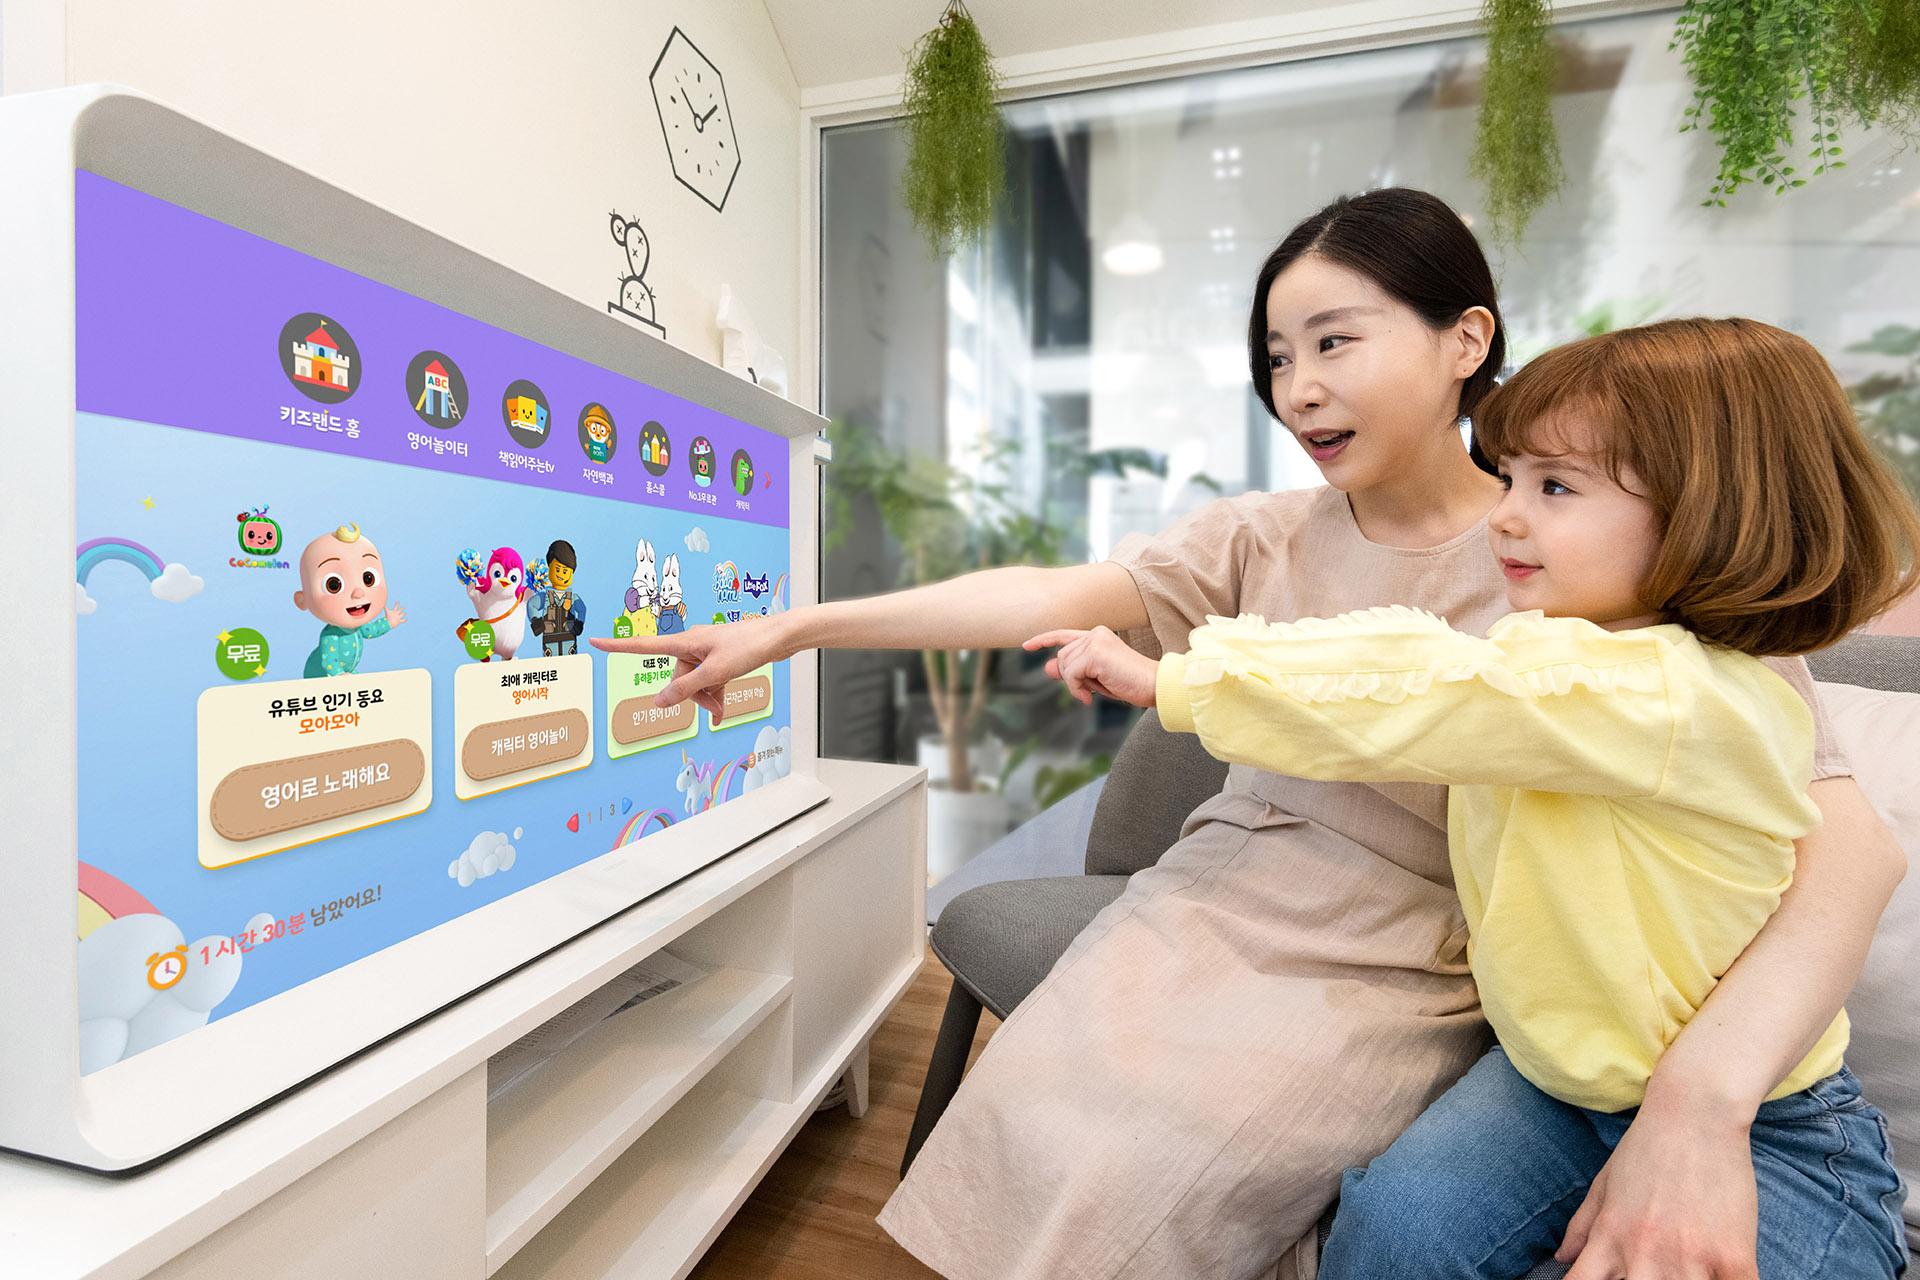 '집콕 육아' 장기화...캐릭터와 함께 즐기며 배우는 영어 콘텐츠 인기 ↑